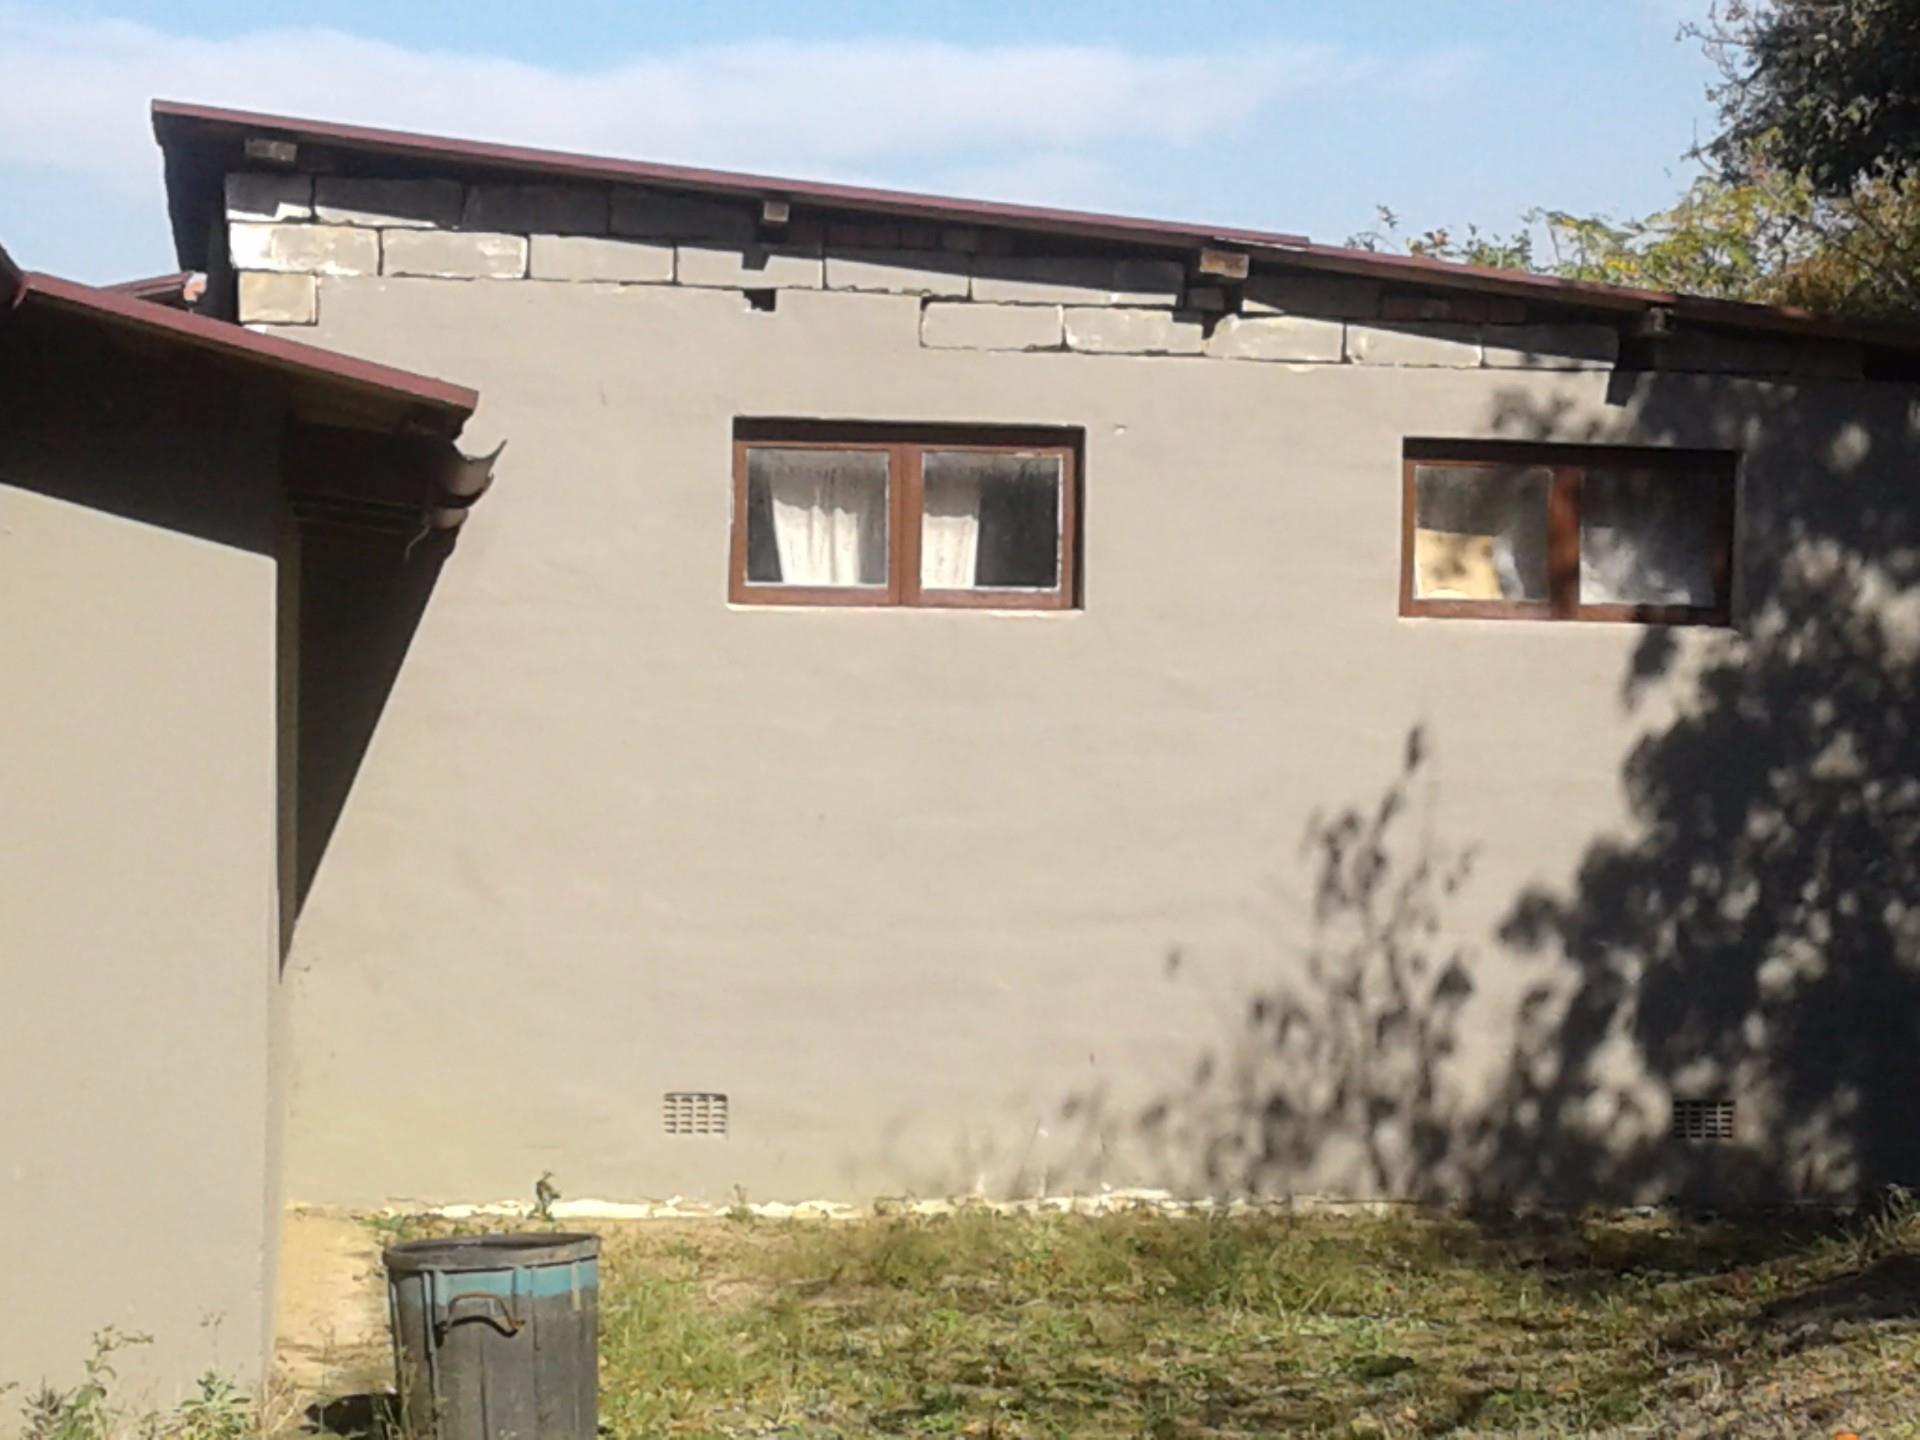 2 bedroom House in Elysium | RE/MAX